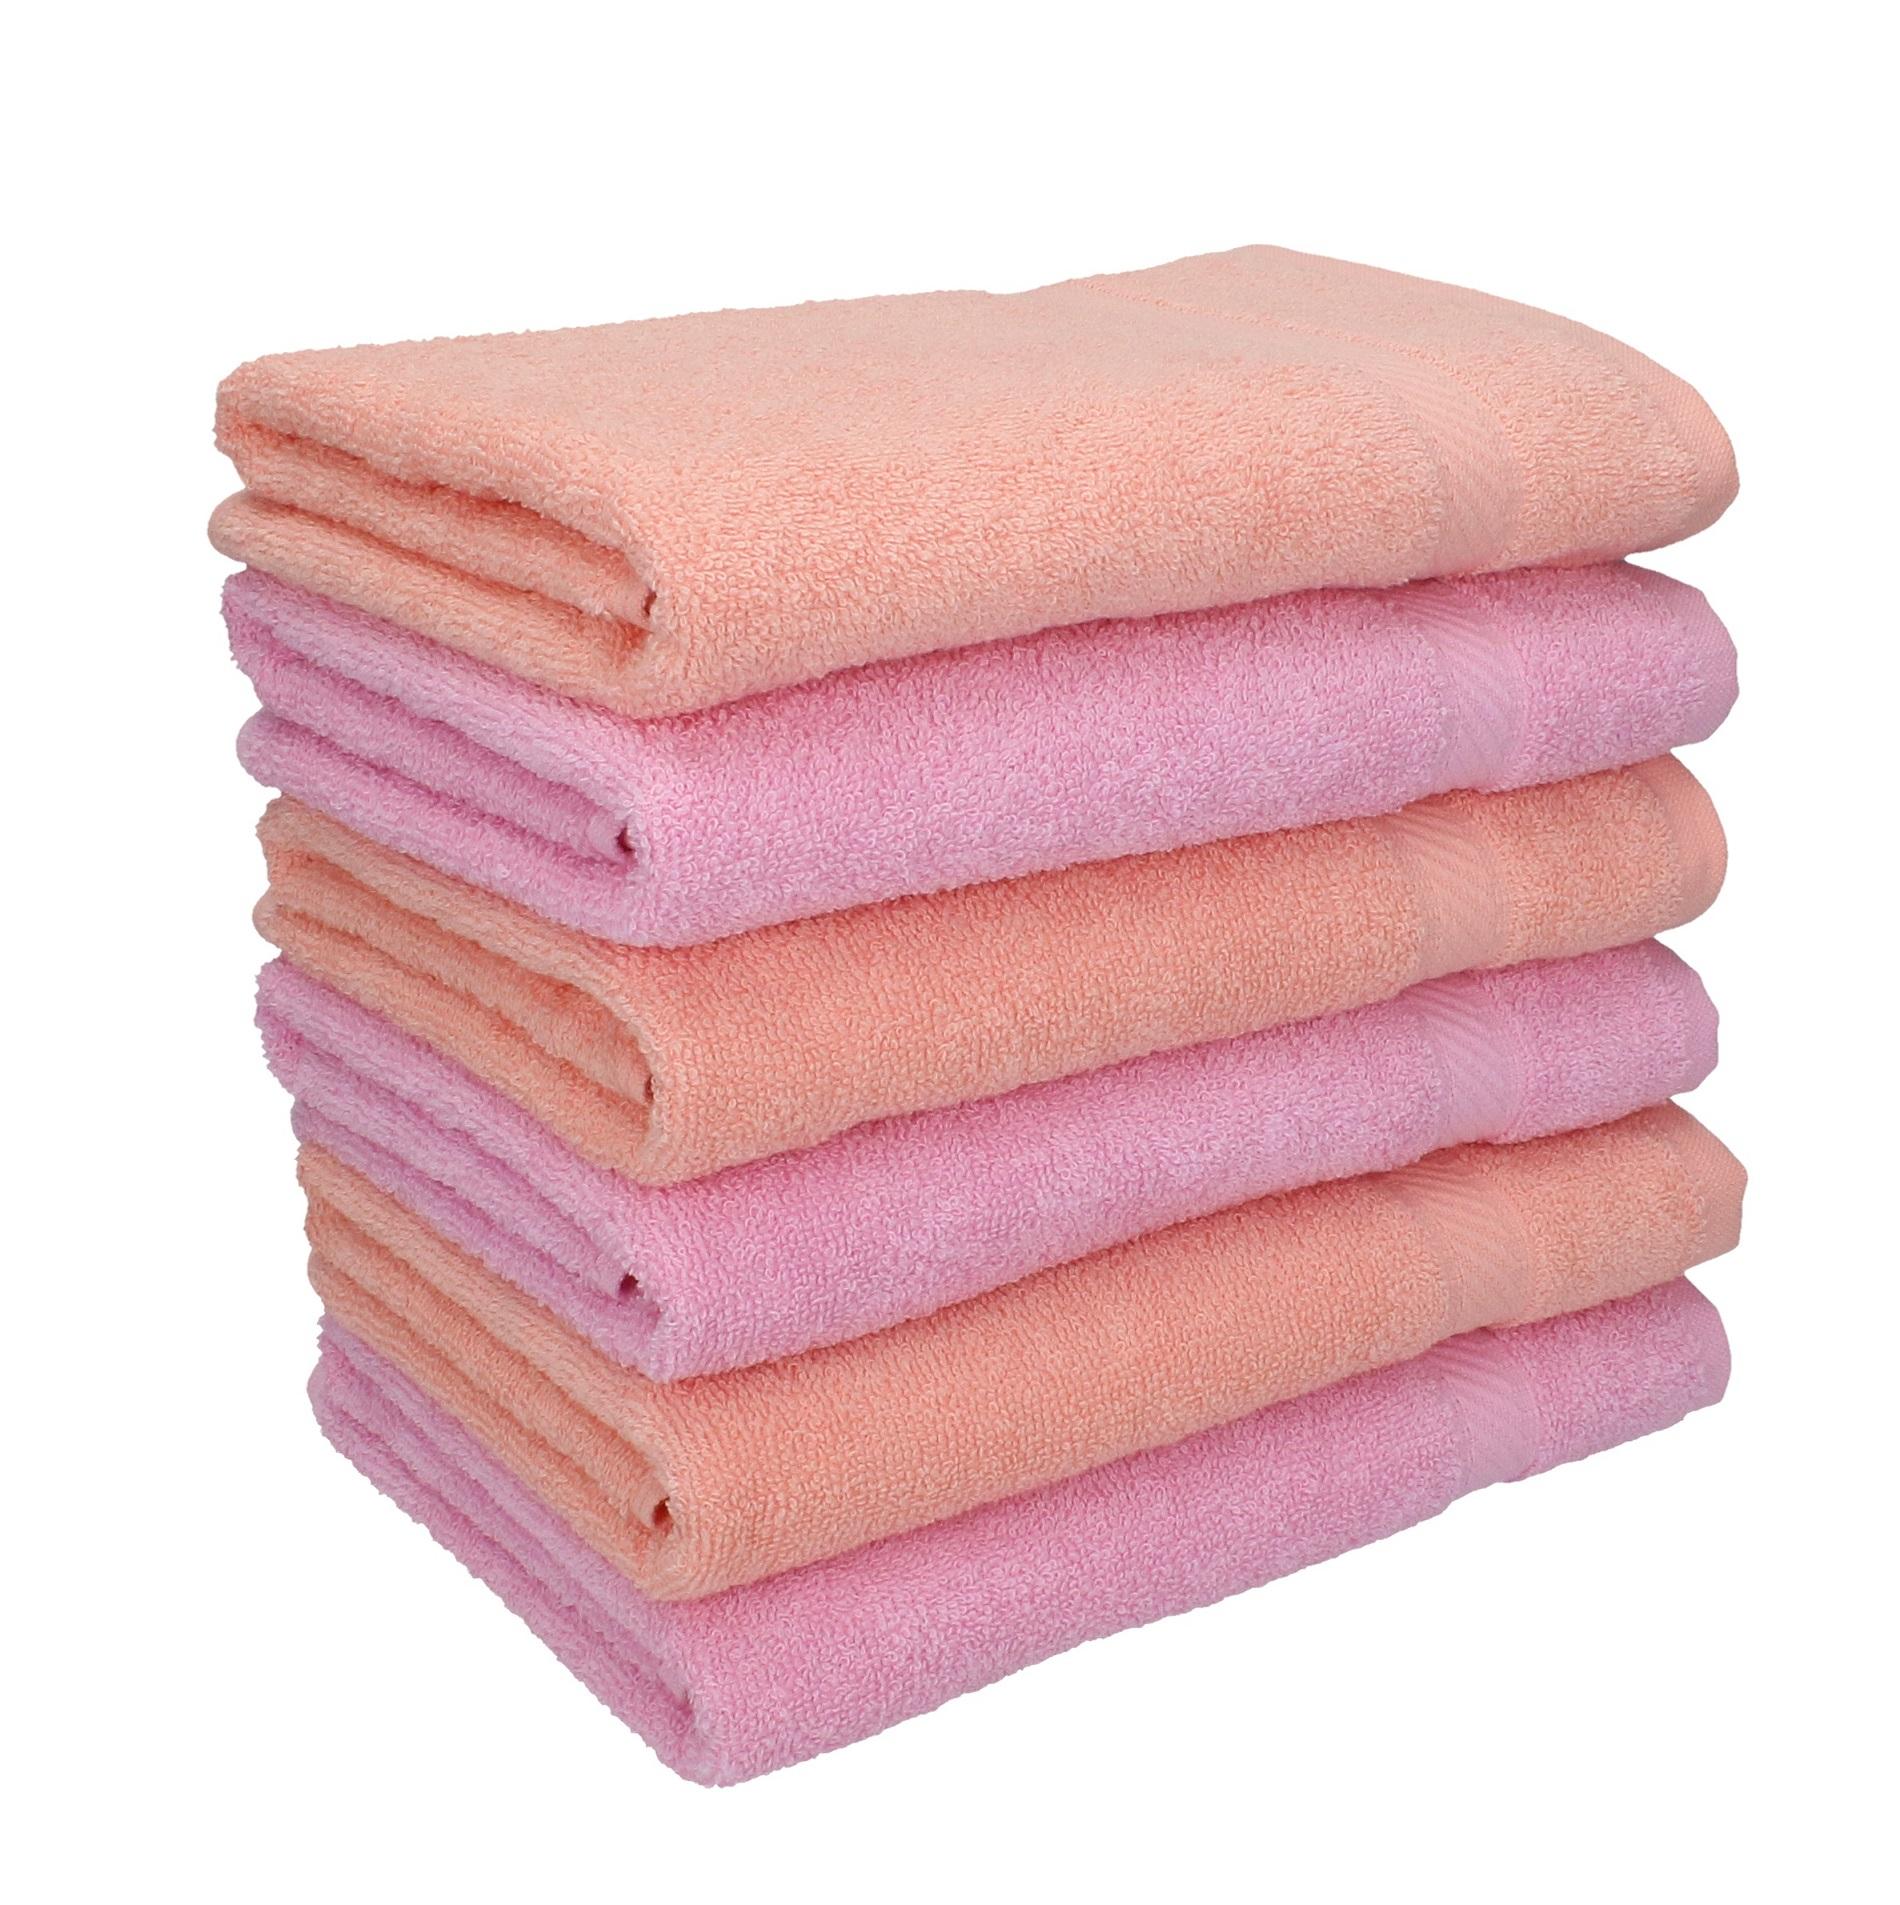 betz 6 st ck handt cher palermo 100 baumwolle handtuch set farbe apricot und ros. Black Bedroom Furniture Sets. Home Design Ideas